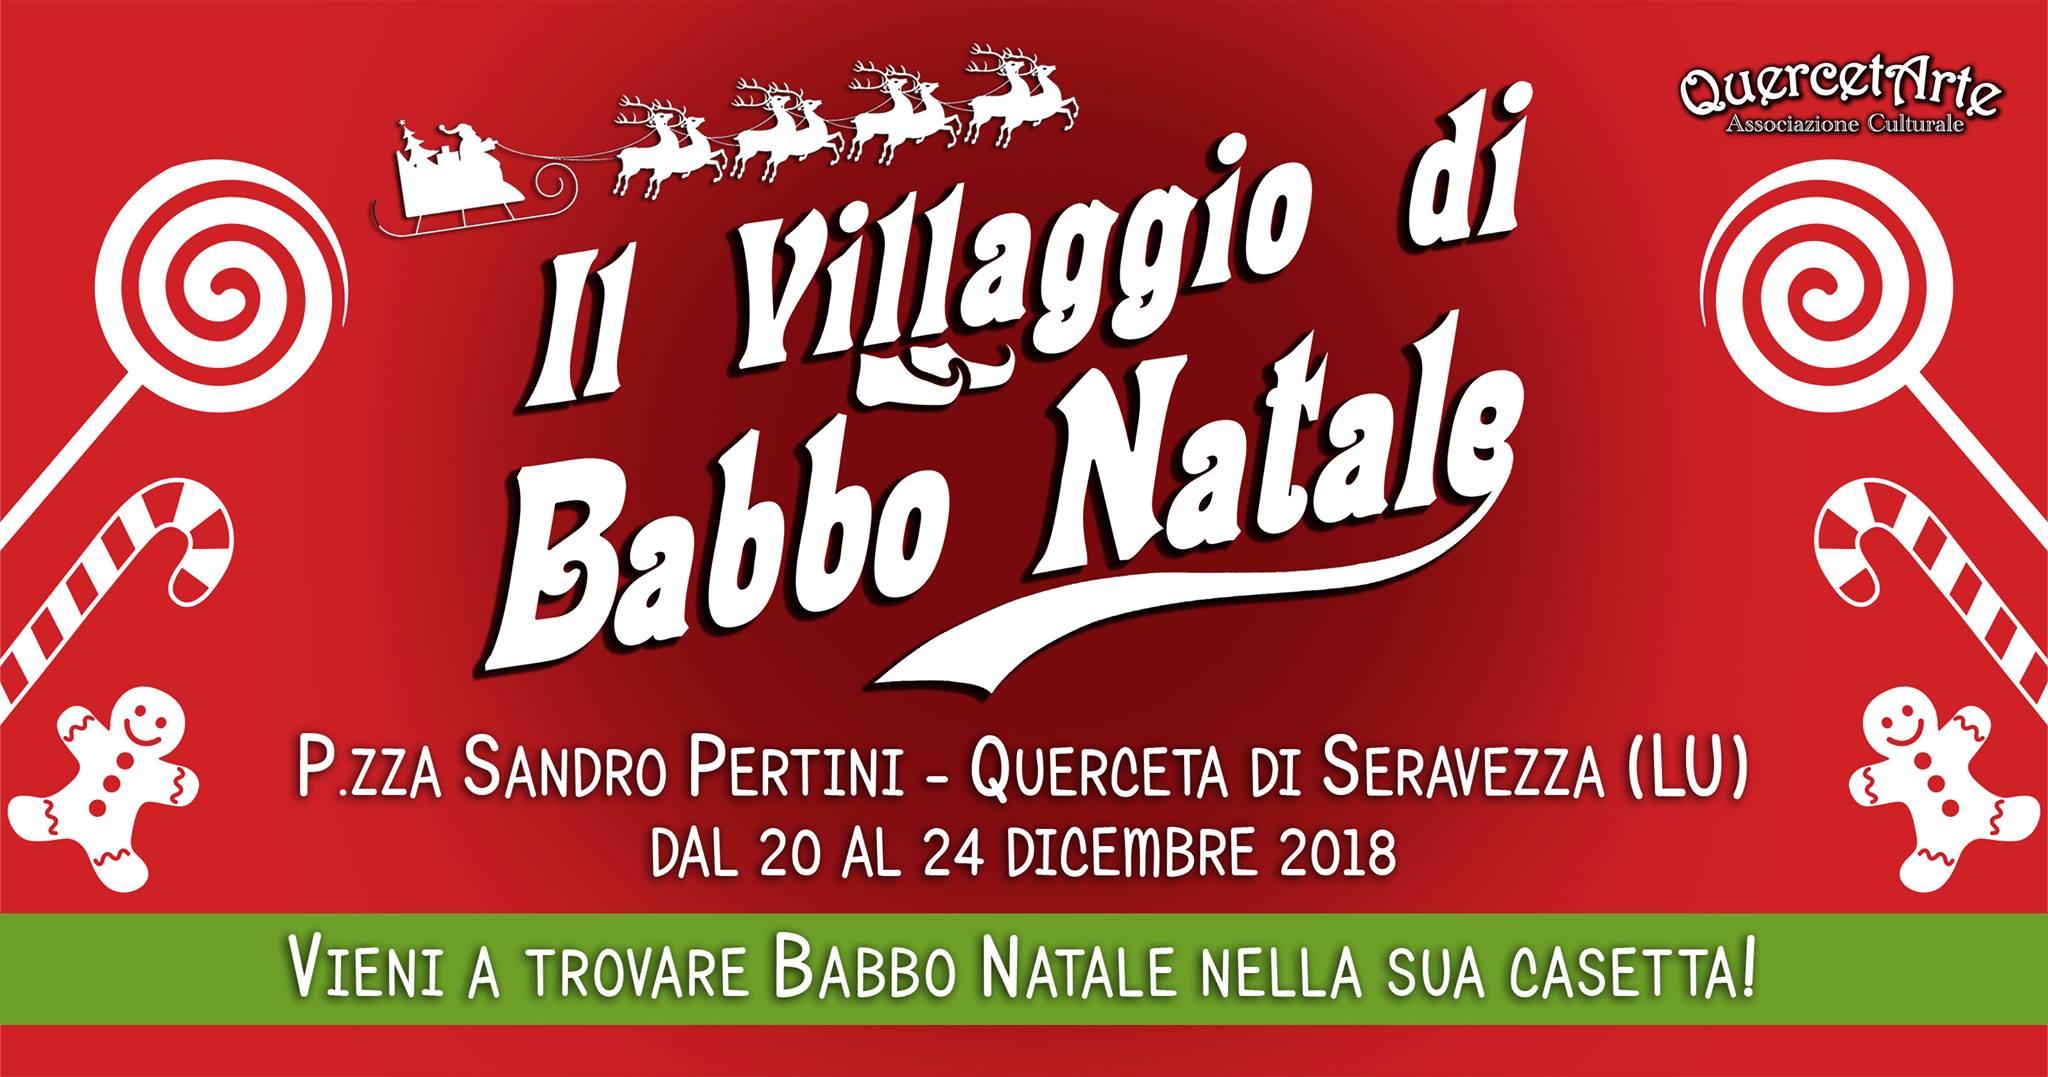 Il villaggio di Babbo Natale - Querceta